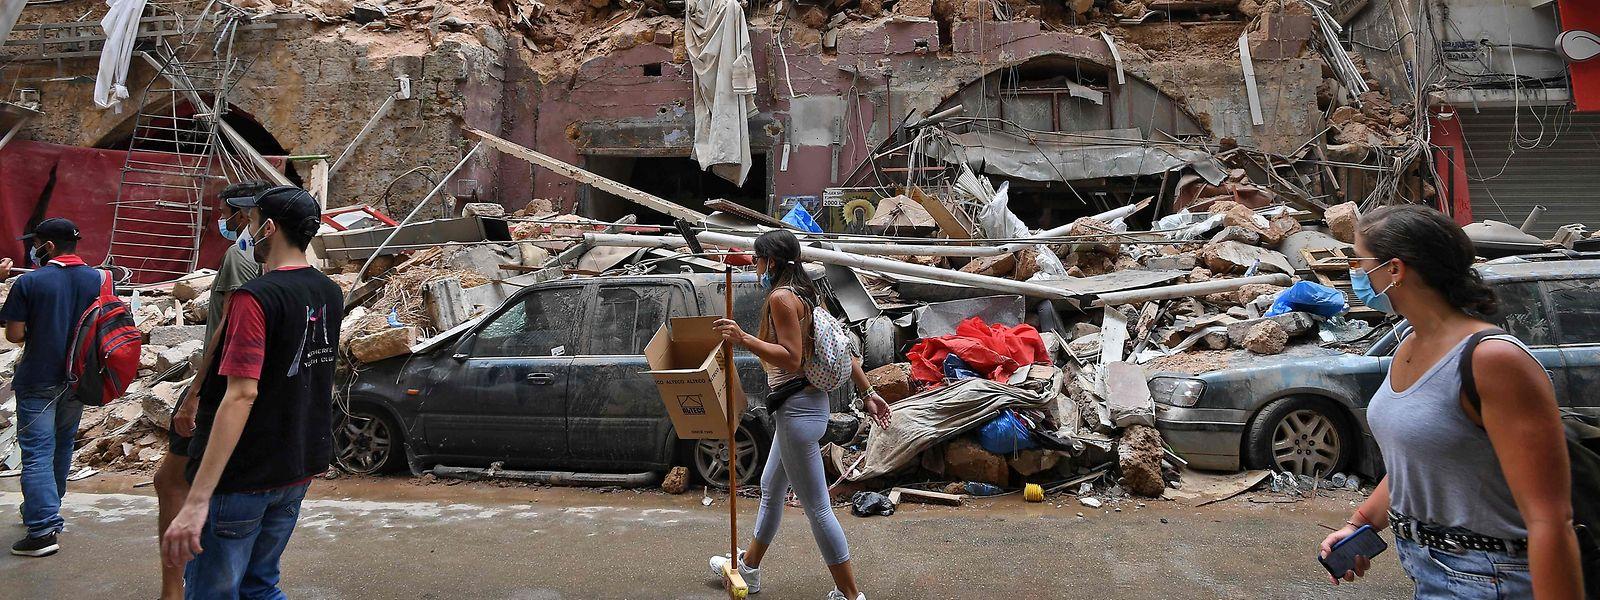 Die Innenstadt von Beirut wurde in ein Trümmerfeld verwandelt.